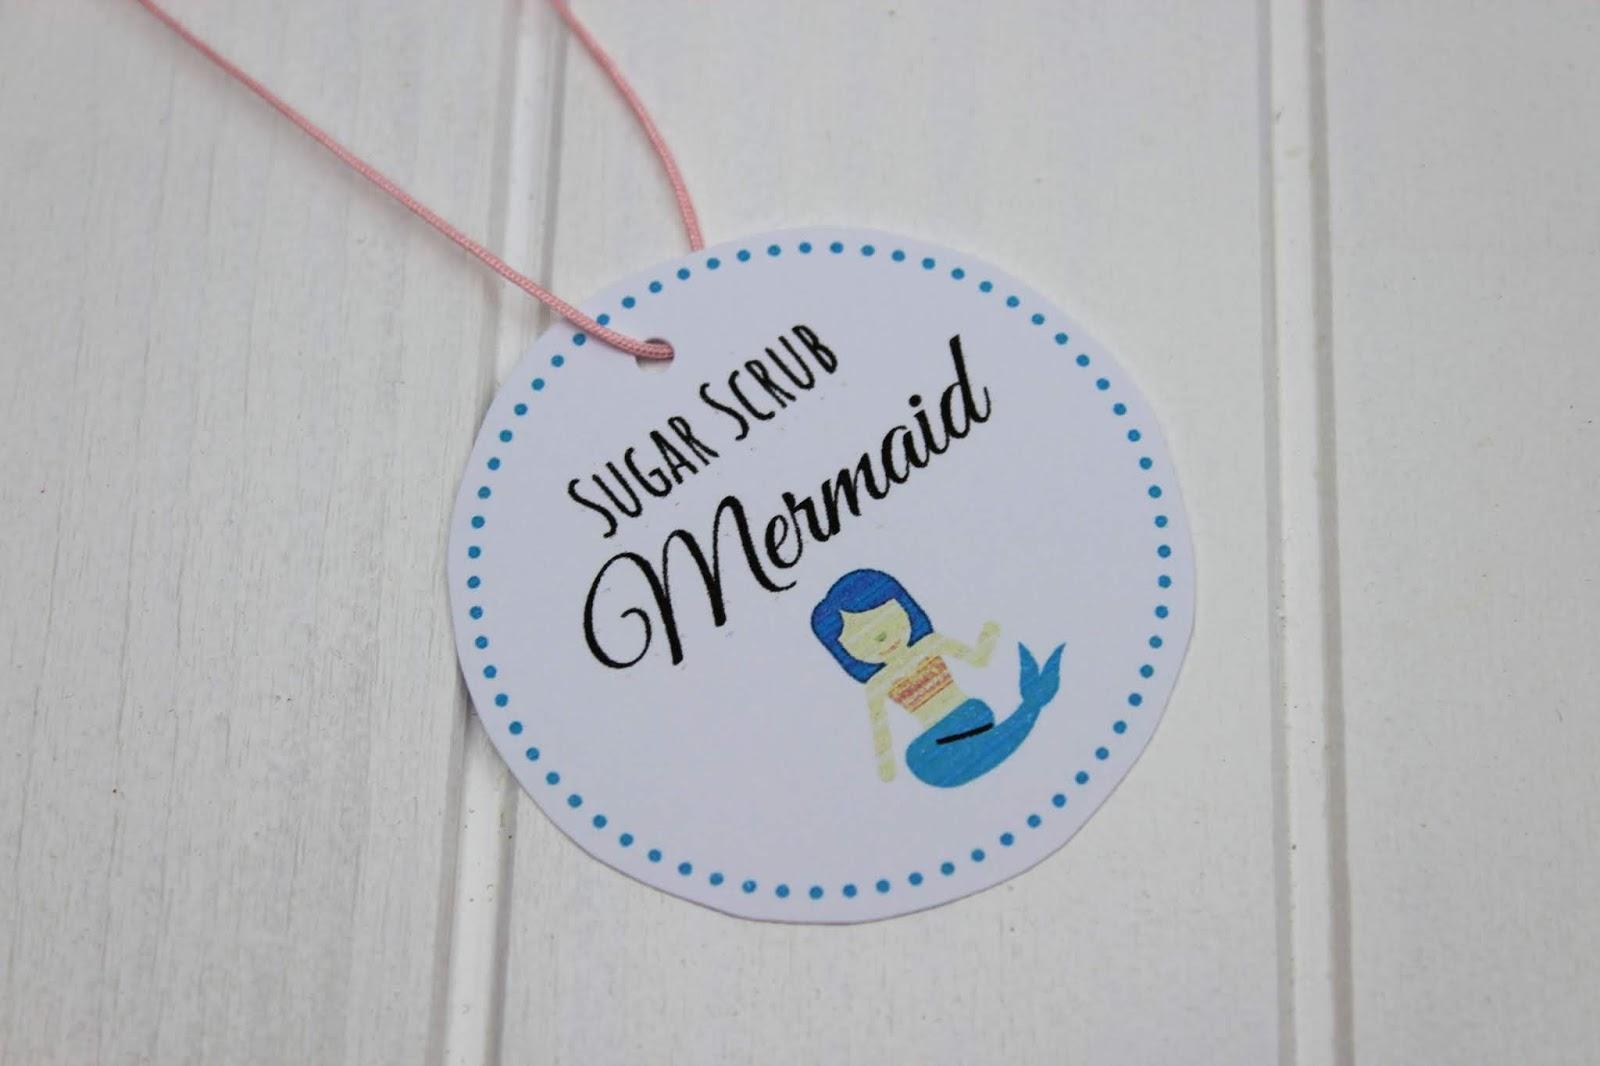 DIY Sugar Scrub / Zuckerpeeling Mermaid ganz einfach selbermachen - inkl. Wirkweise, Anwendung und Haltbarkeit (kostenloses Etikett)